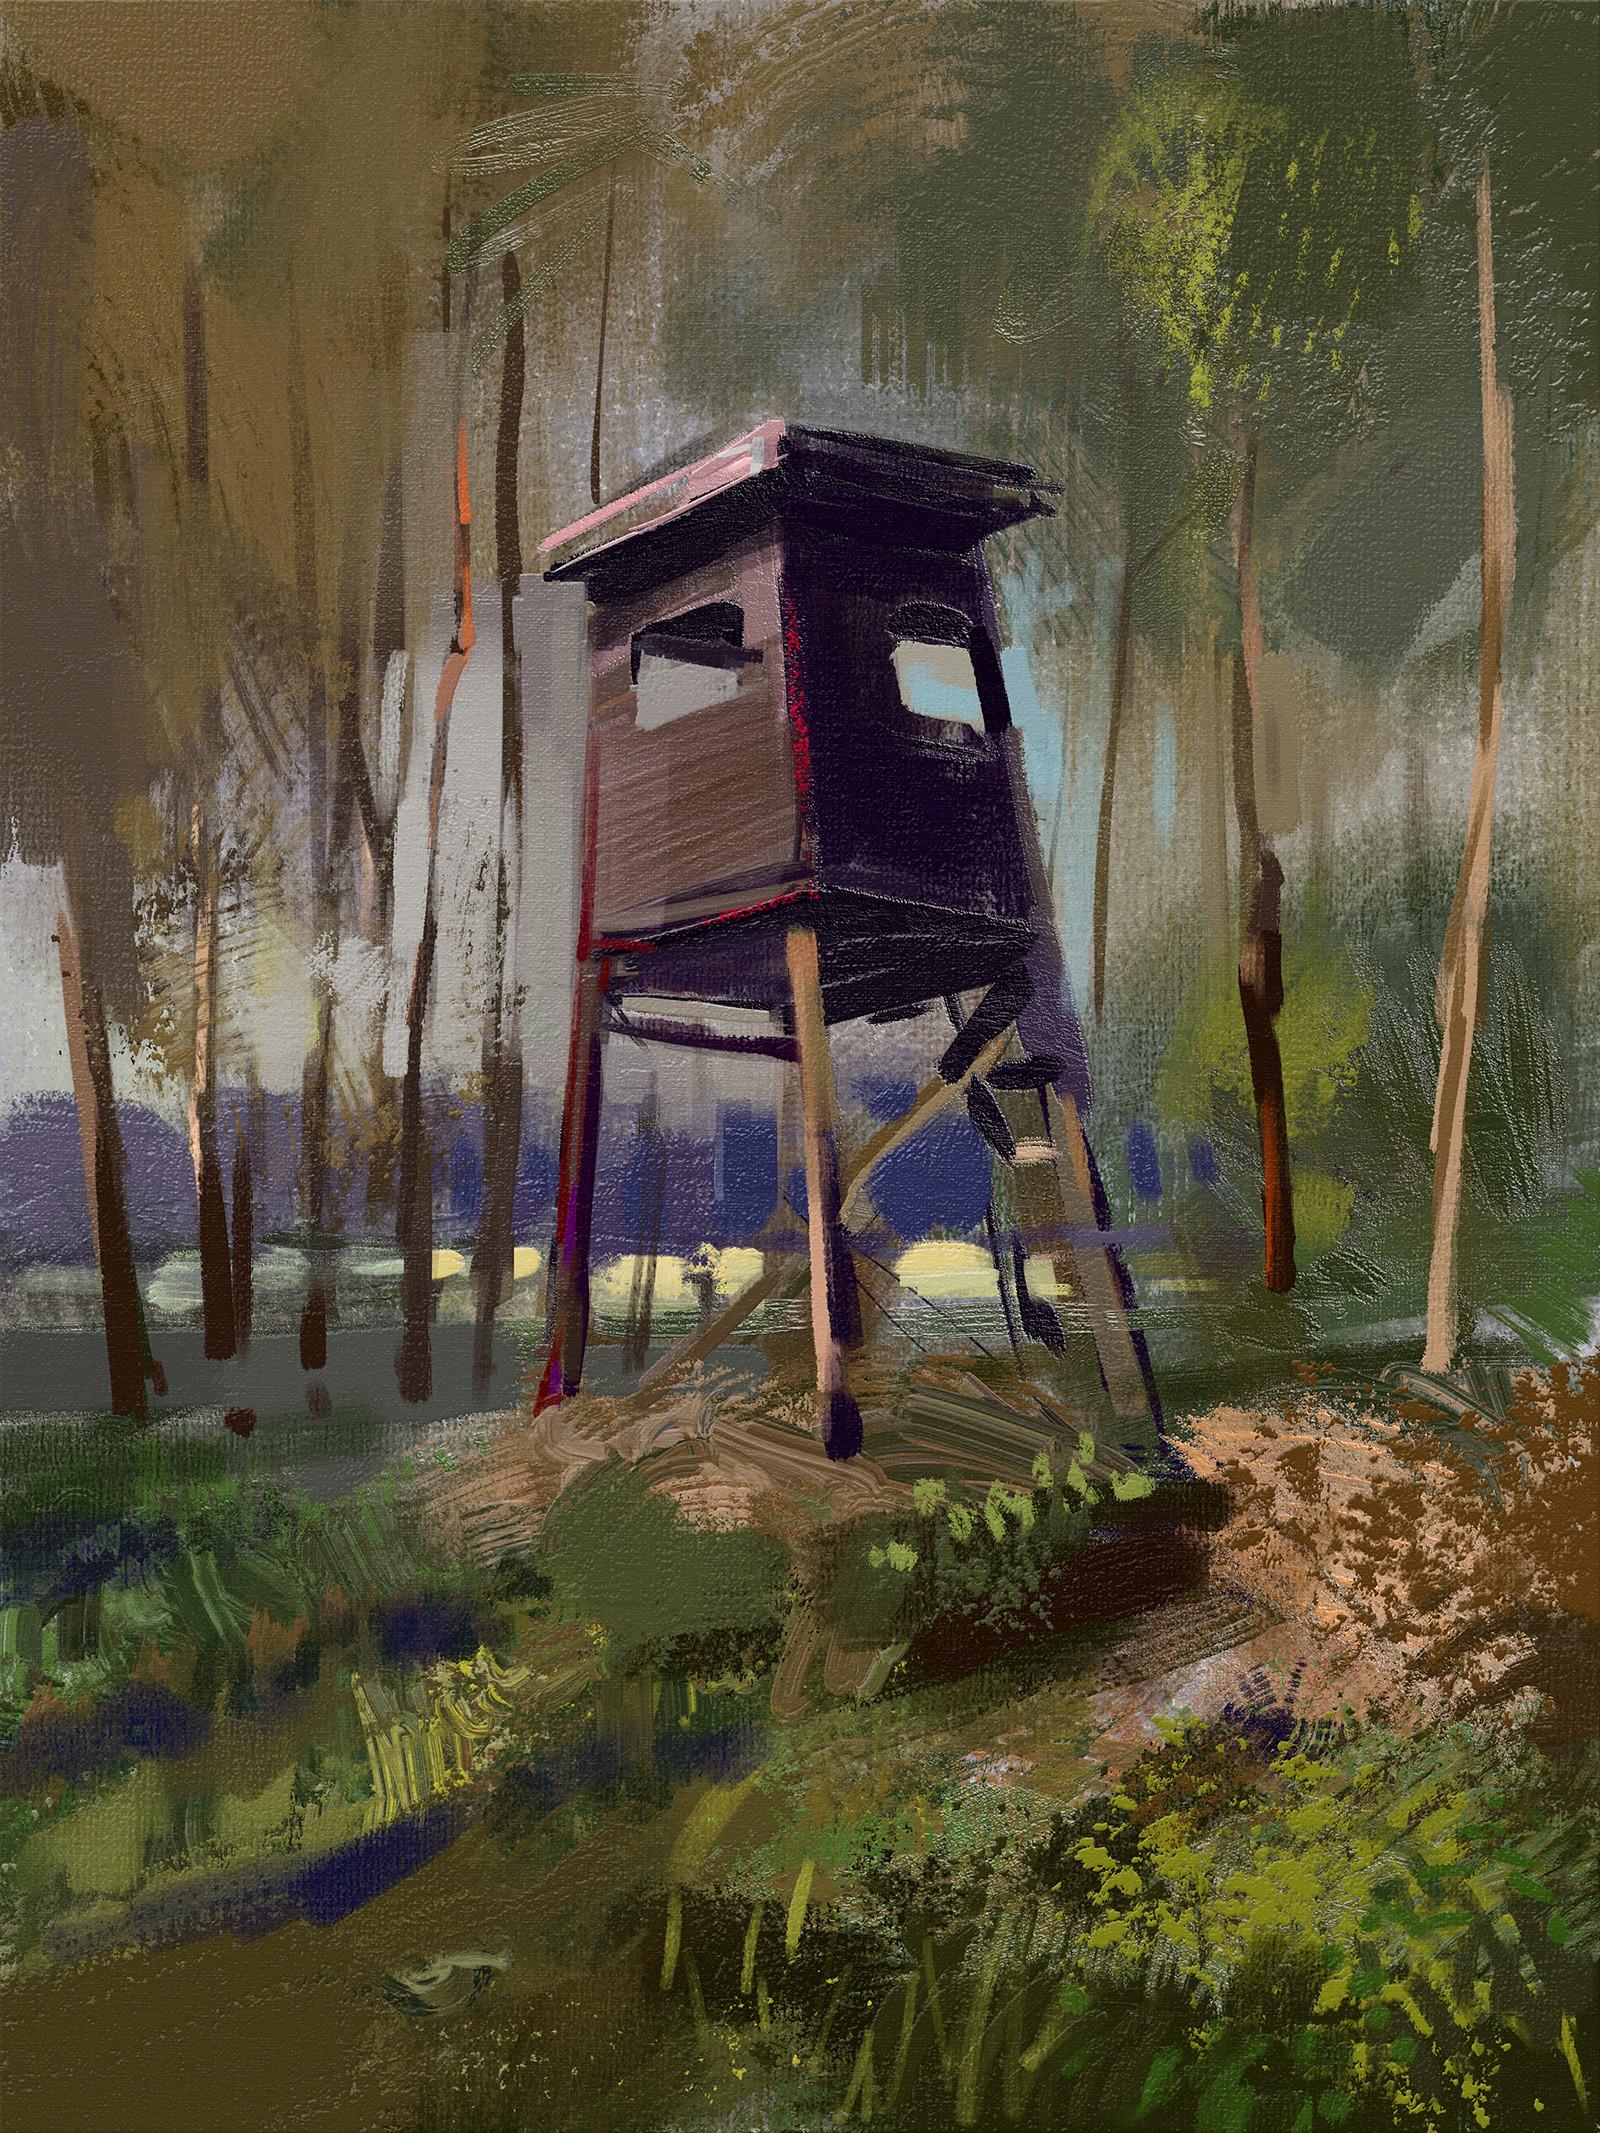 Tymoteusz chliszcz forest2 by chliszcz